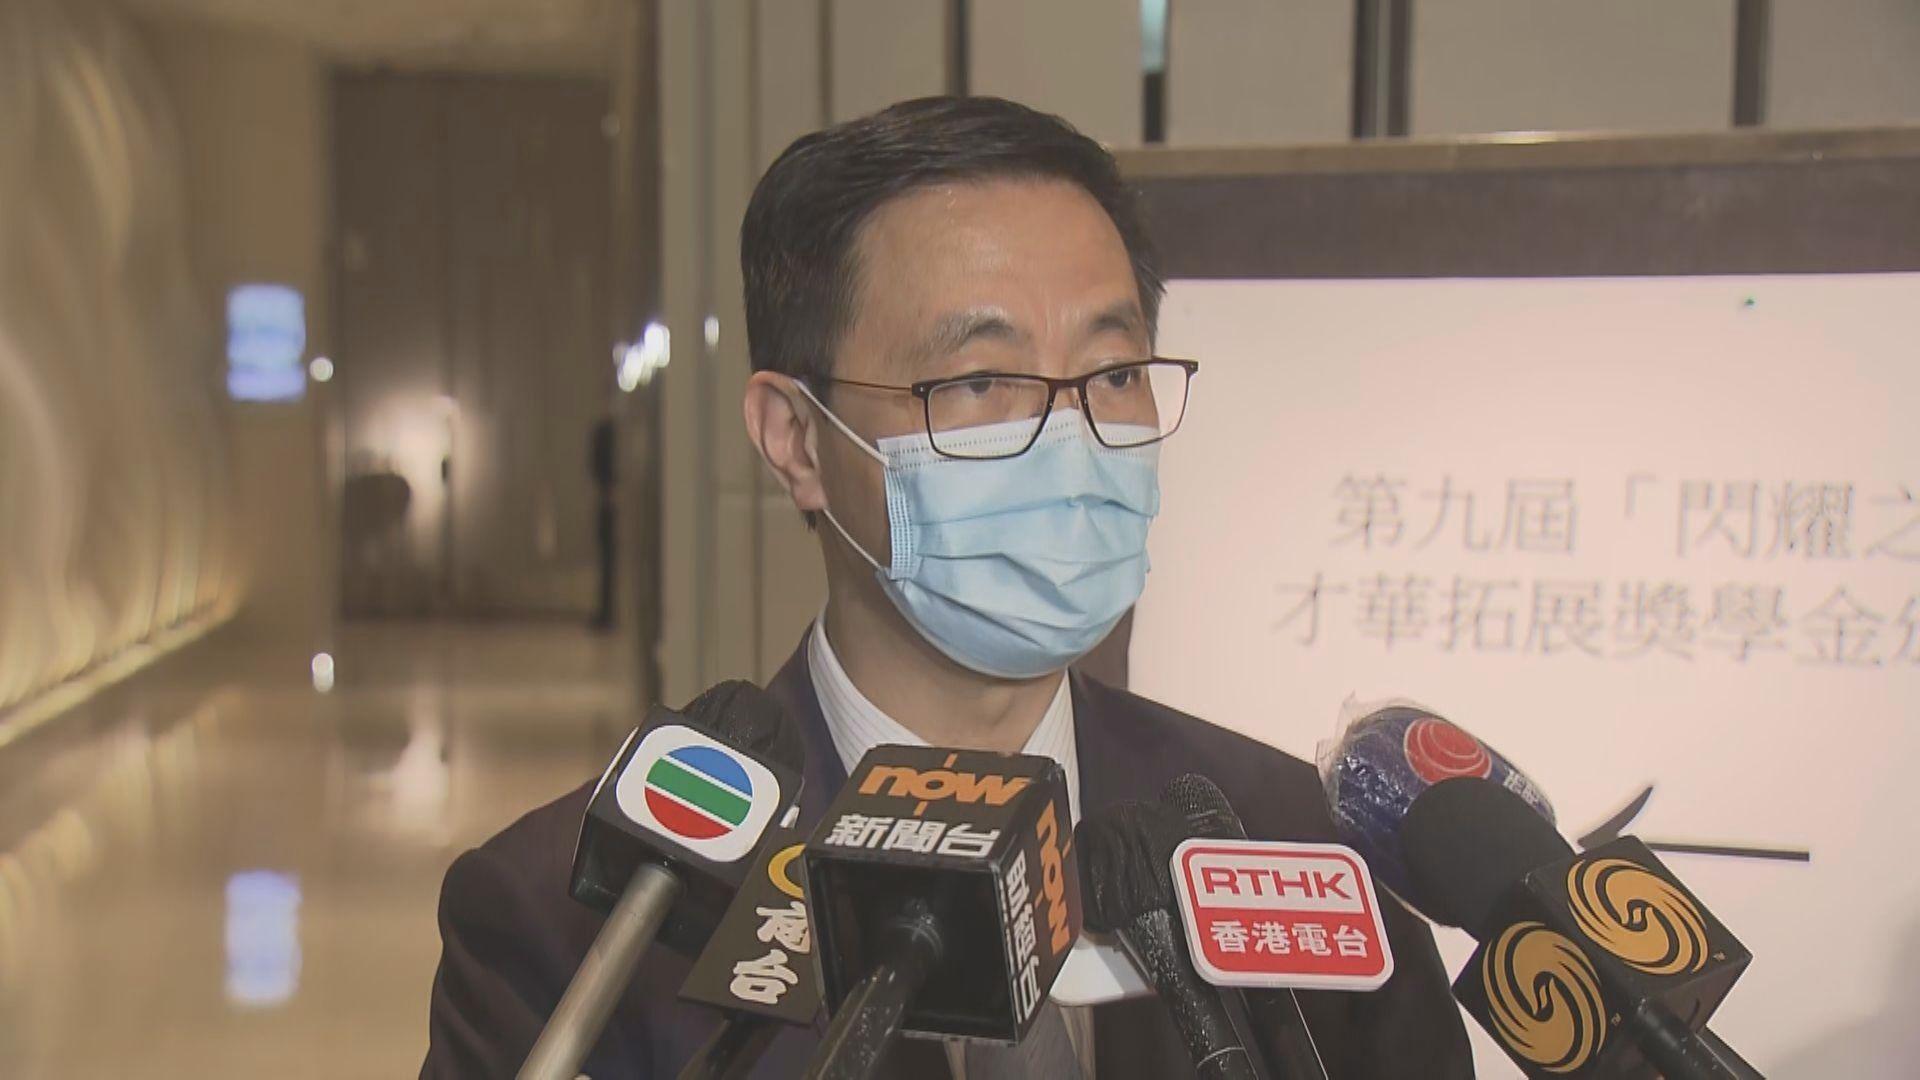 楊潤雄:會按機制處理失當教師投訴 強調程序嚴謹